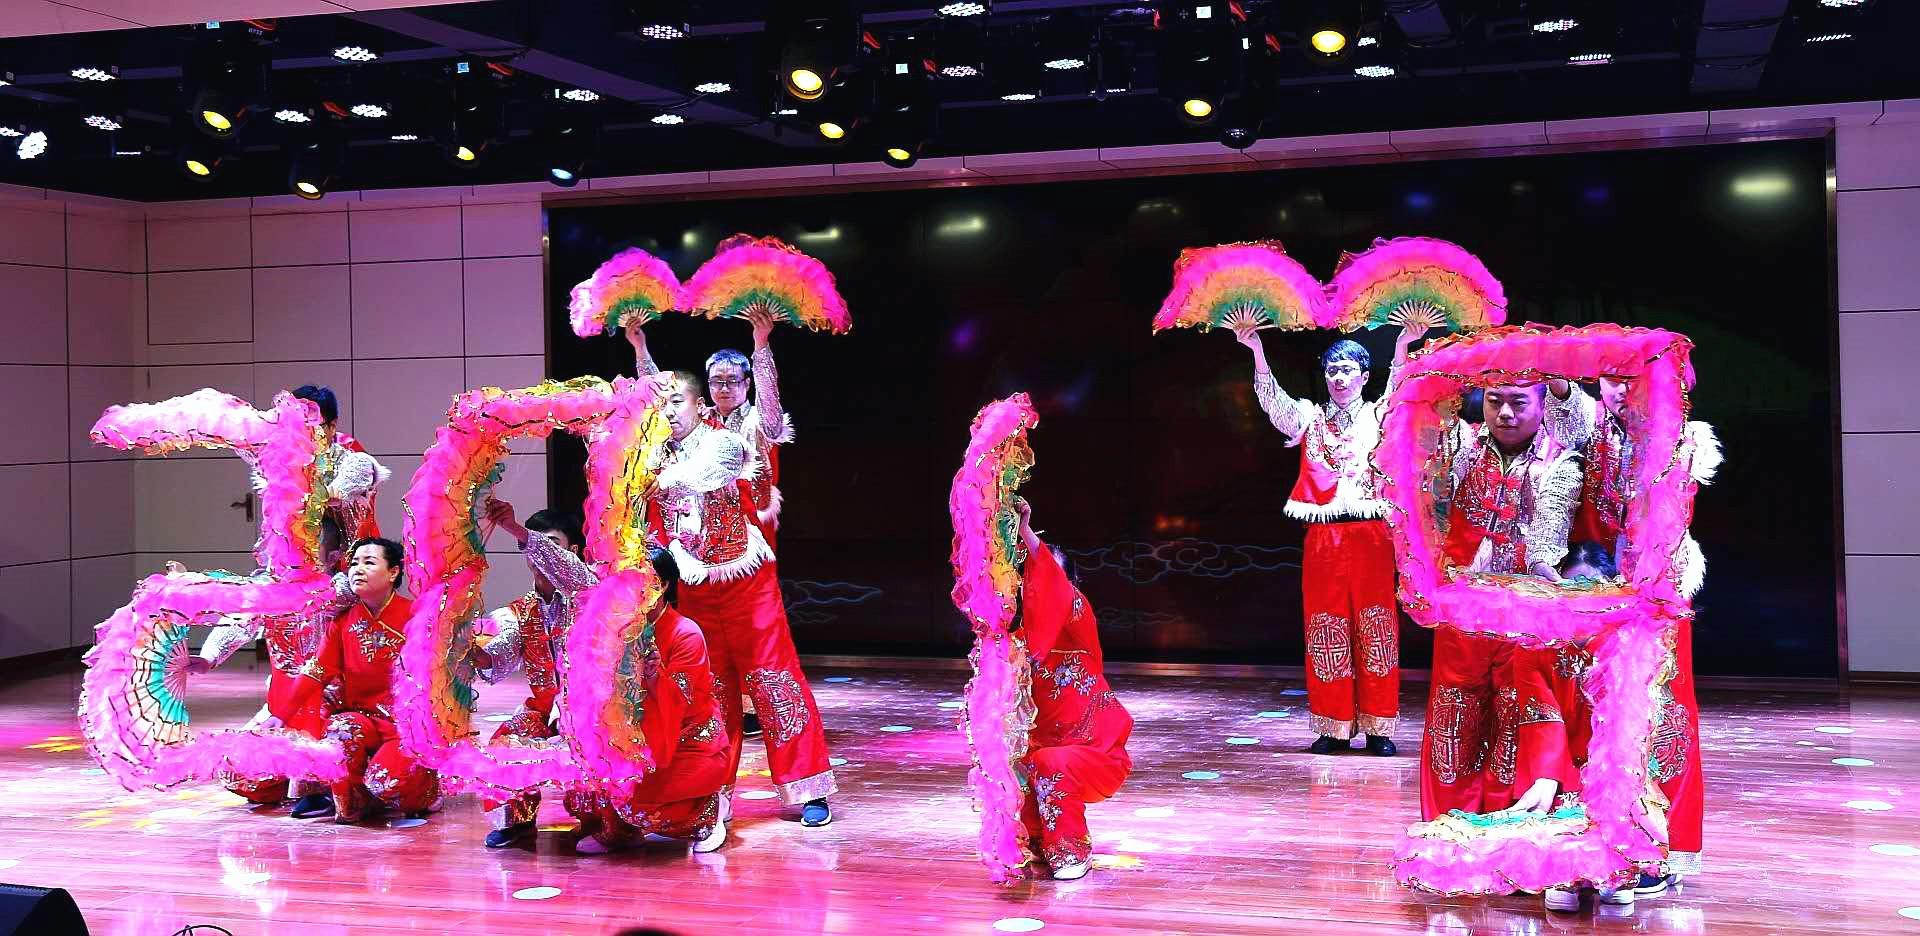 兰高阀积极筹备舞蹈《吉祥中国年》在新中国70年华诞之际为祖国母亲献礼